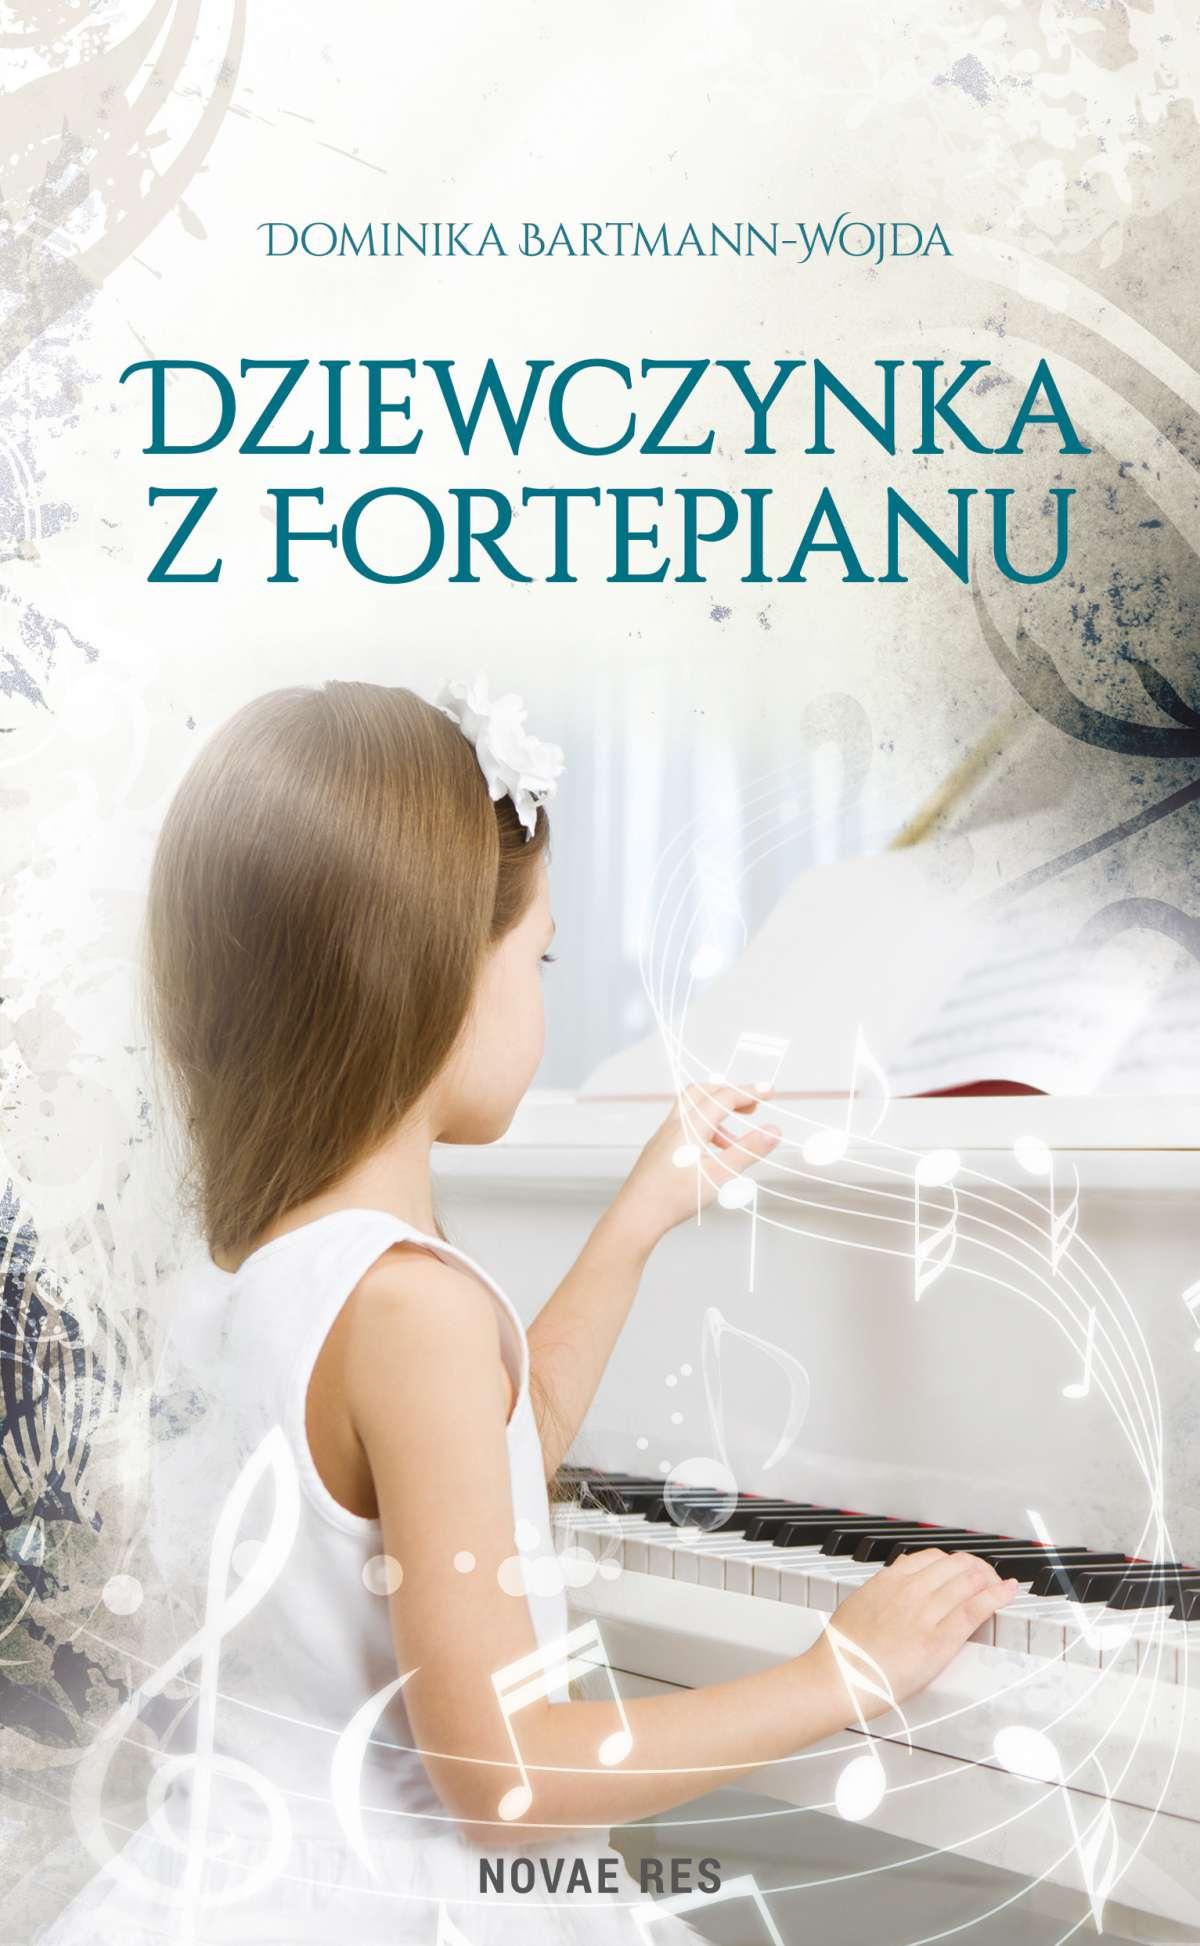 Dziewczynka z fortepianu - Ebook (Książka na Kindle) do pobrania w formacie MOBI